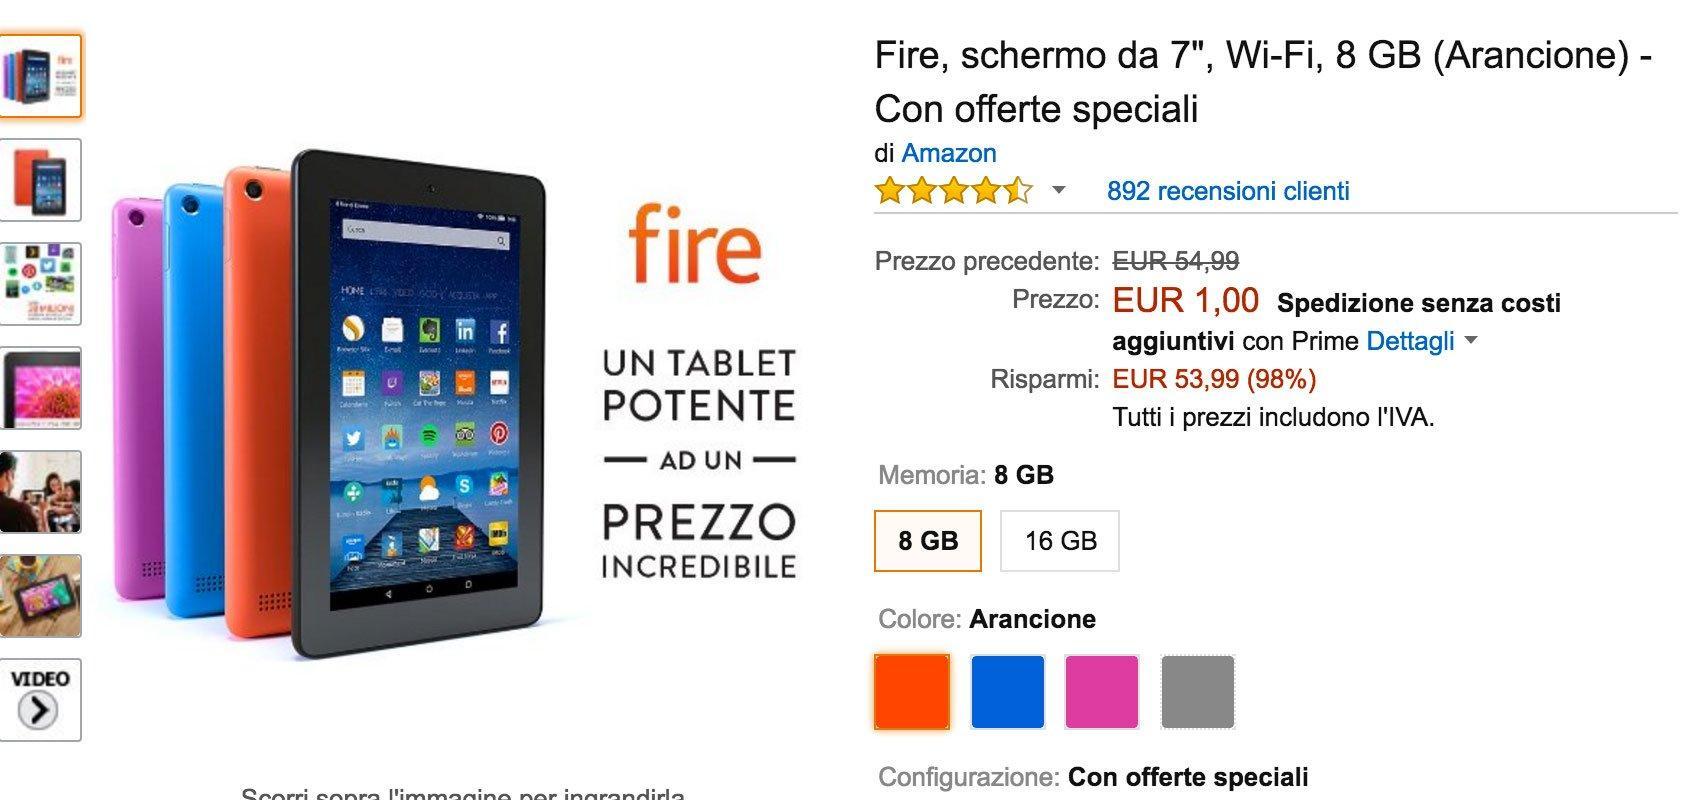 Amazon e il mistero dei Kindle Fire a un euro